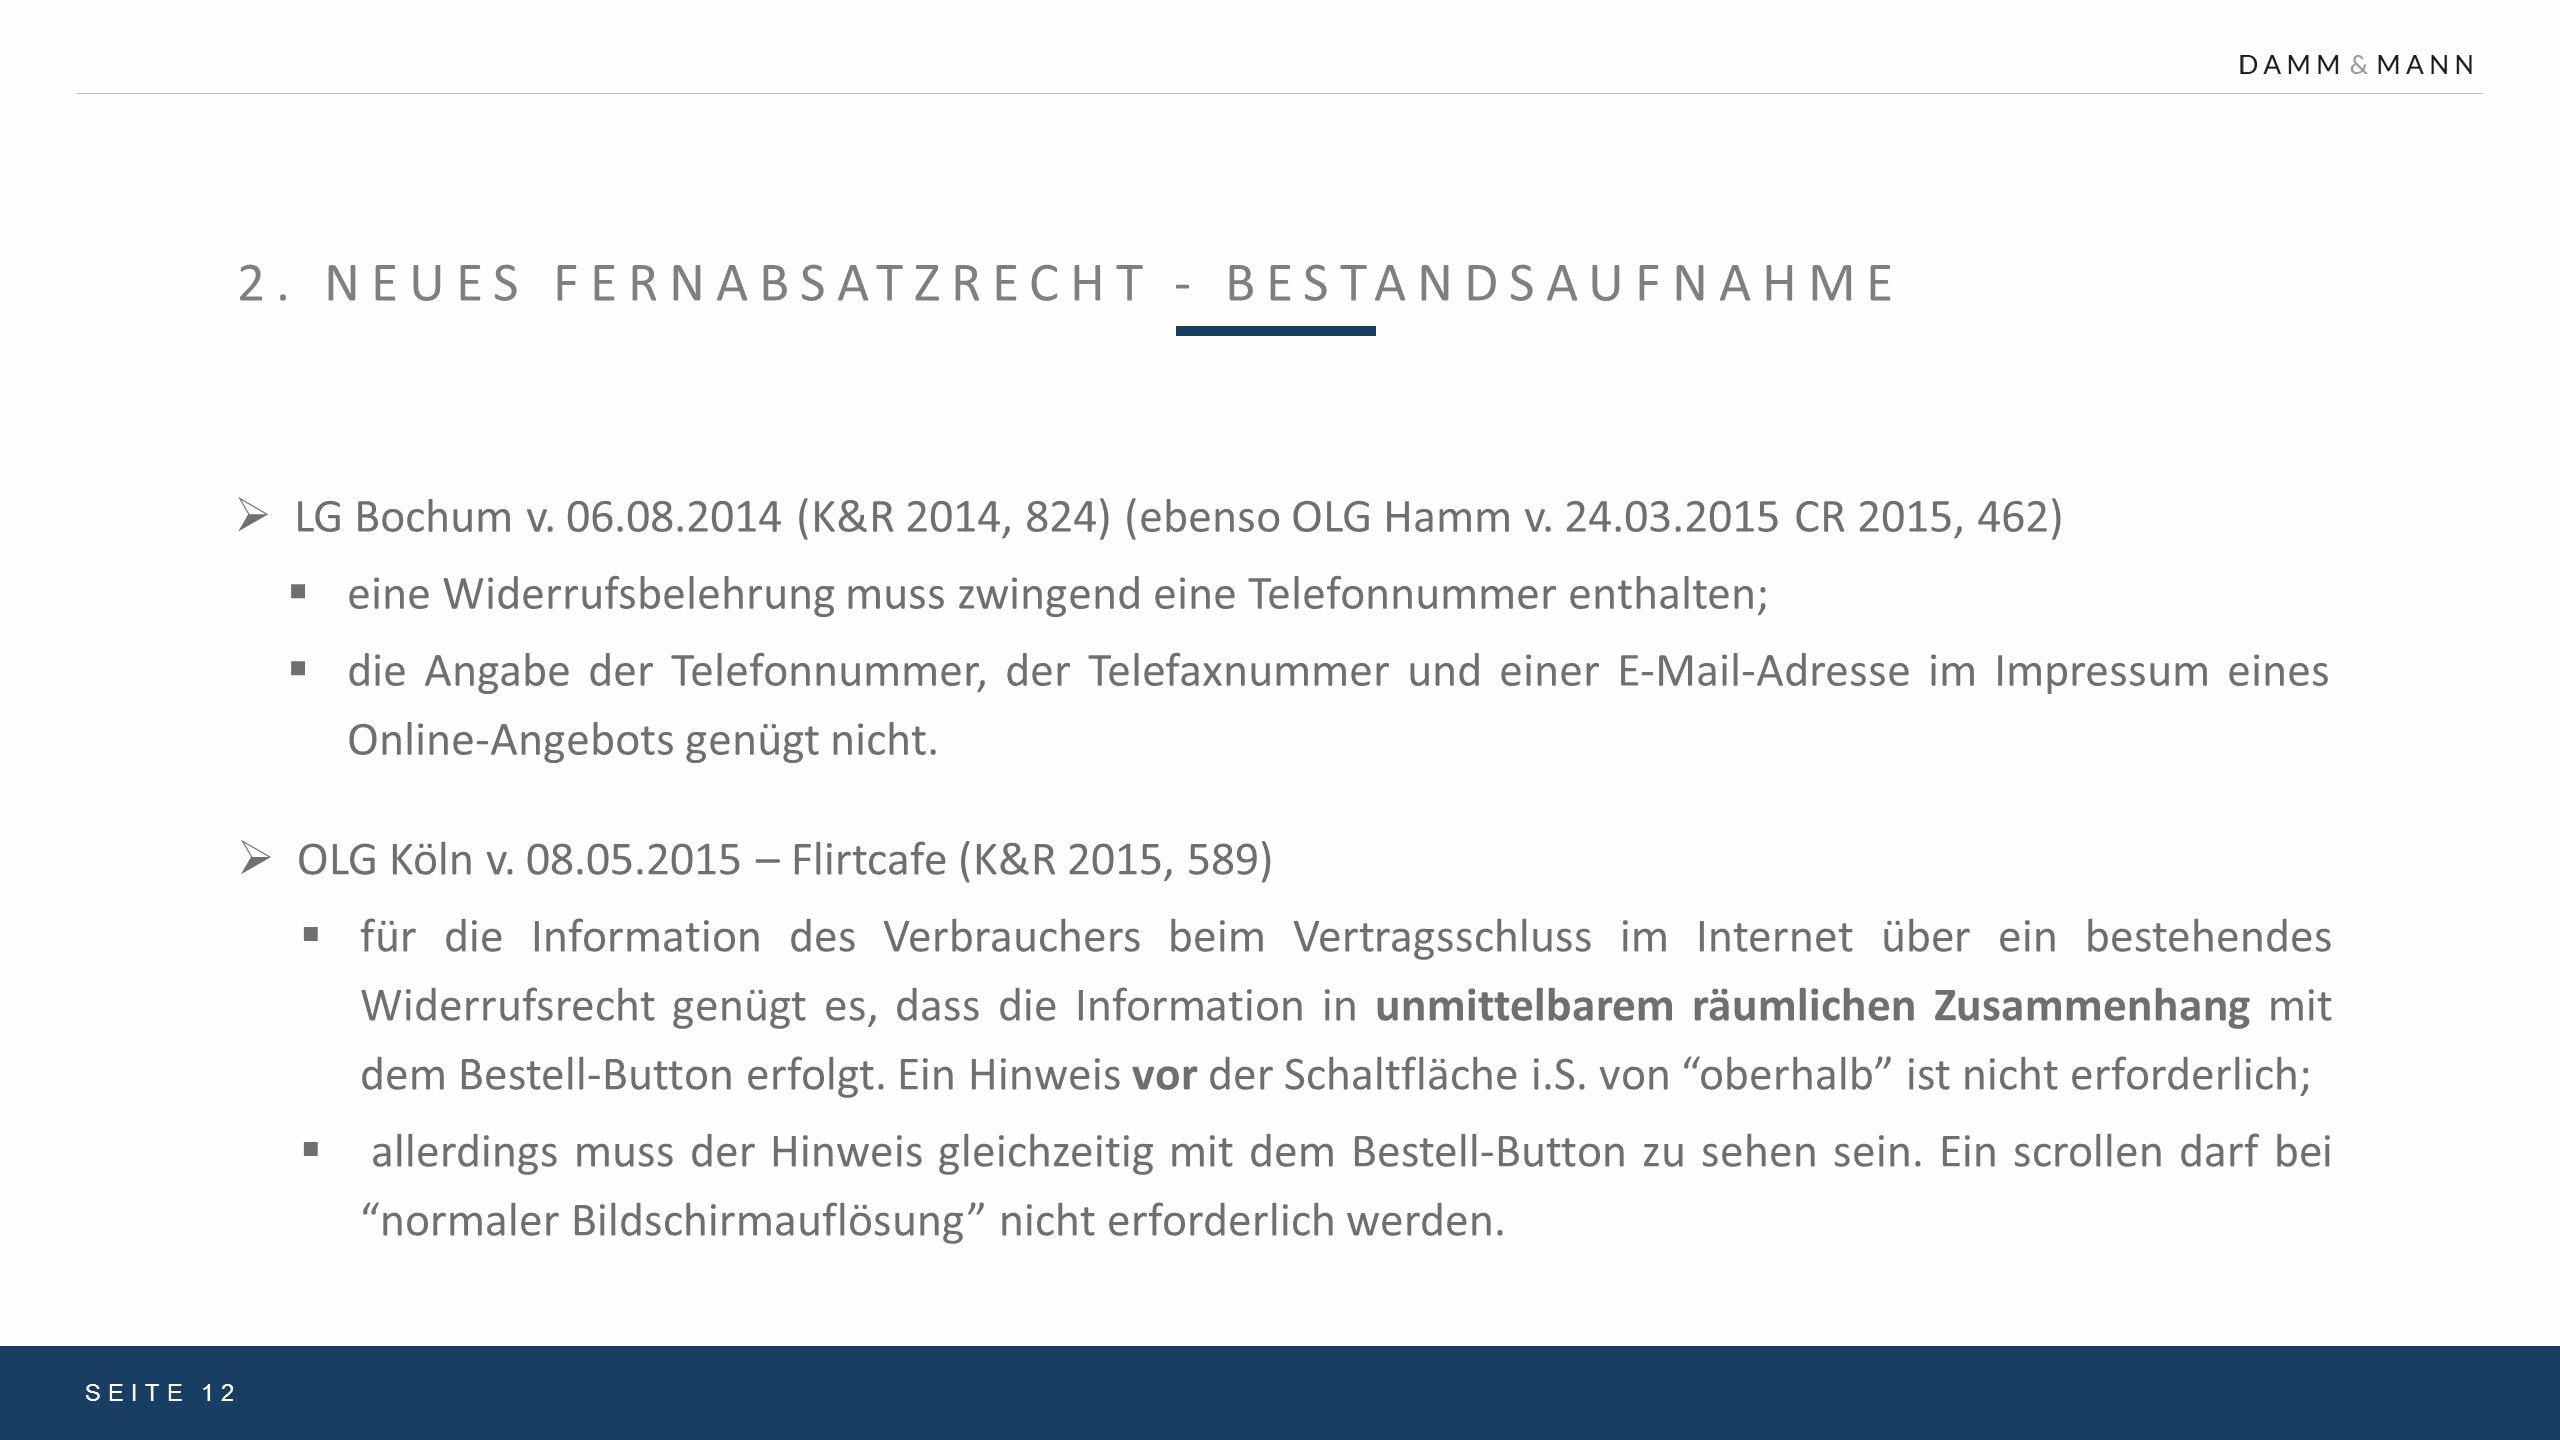 2. NEUES FERNABSATZRECHT - BESTANDSAUFNAHME SEITE 12  LG Bochum v. 06.08.2014 (K&R 2014, 824) (ebenso OLG Hamm v. 24.03.2015 CR 2015, 462)  eine Wid